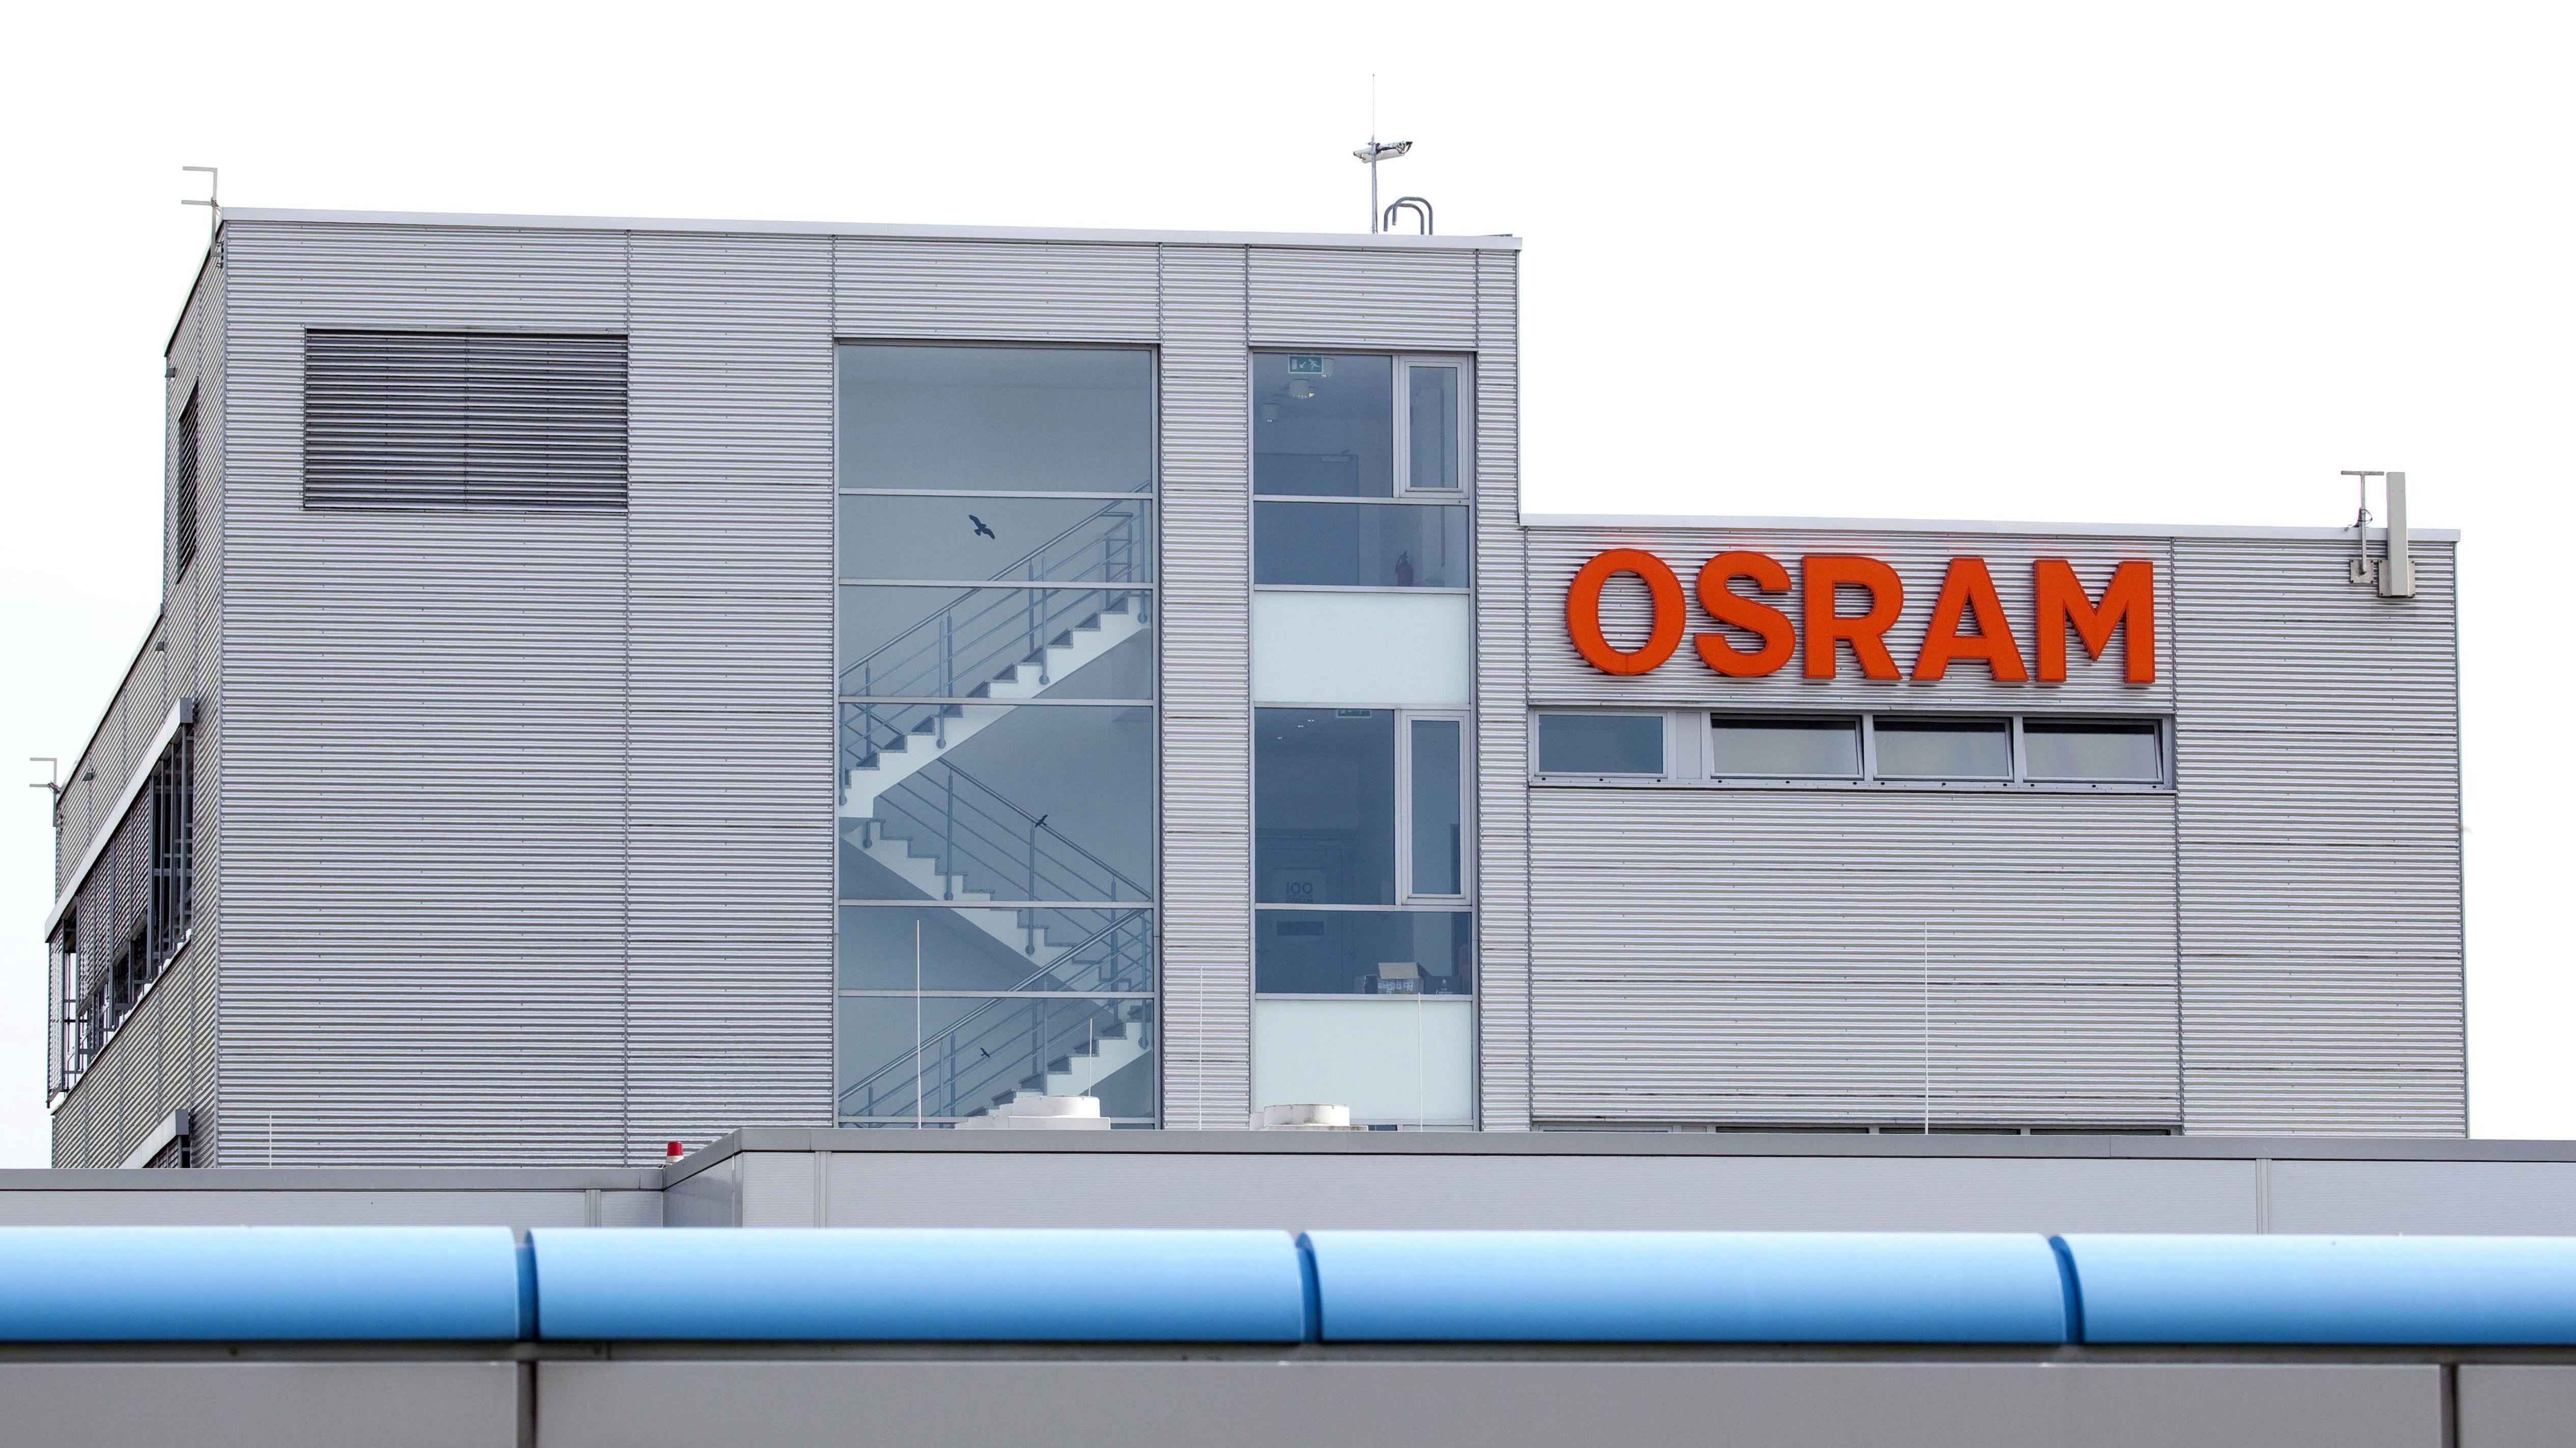 Produktionsstandort von Osram Opto Semiconductors in Regensburg